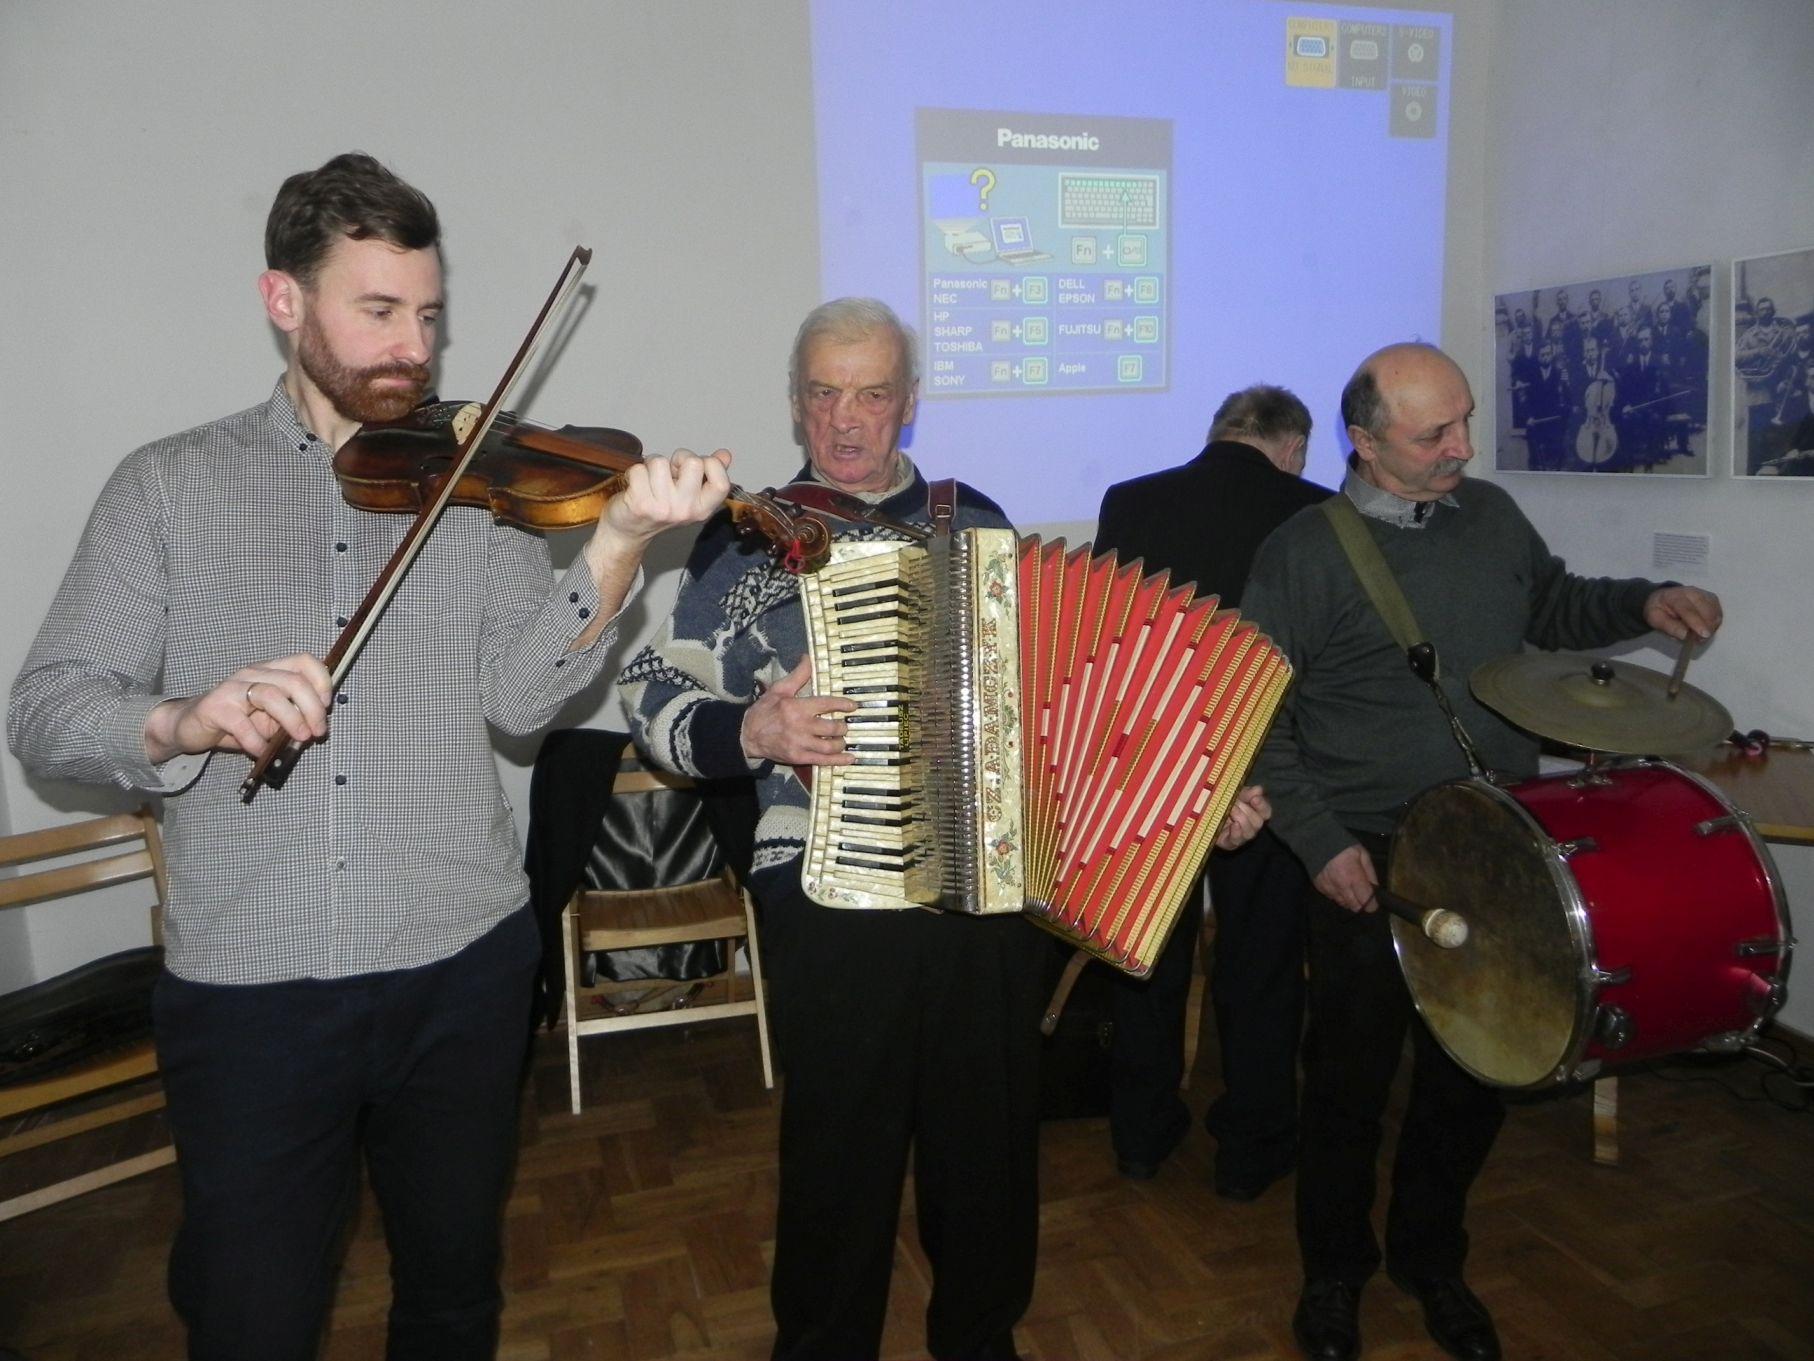 2018-02-09 Przysucha - Jan Kmita (41)